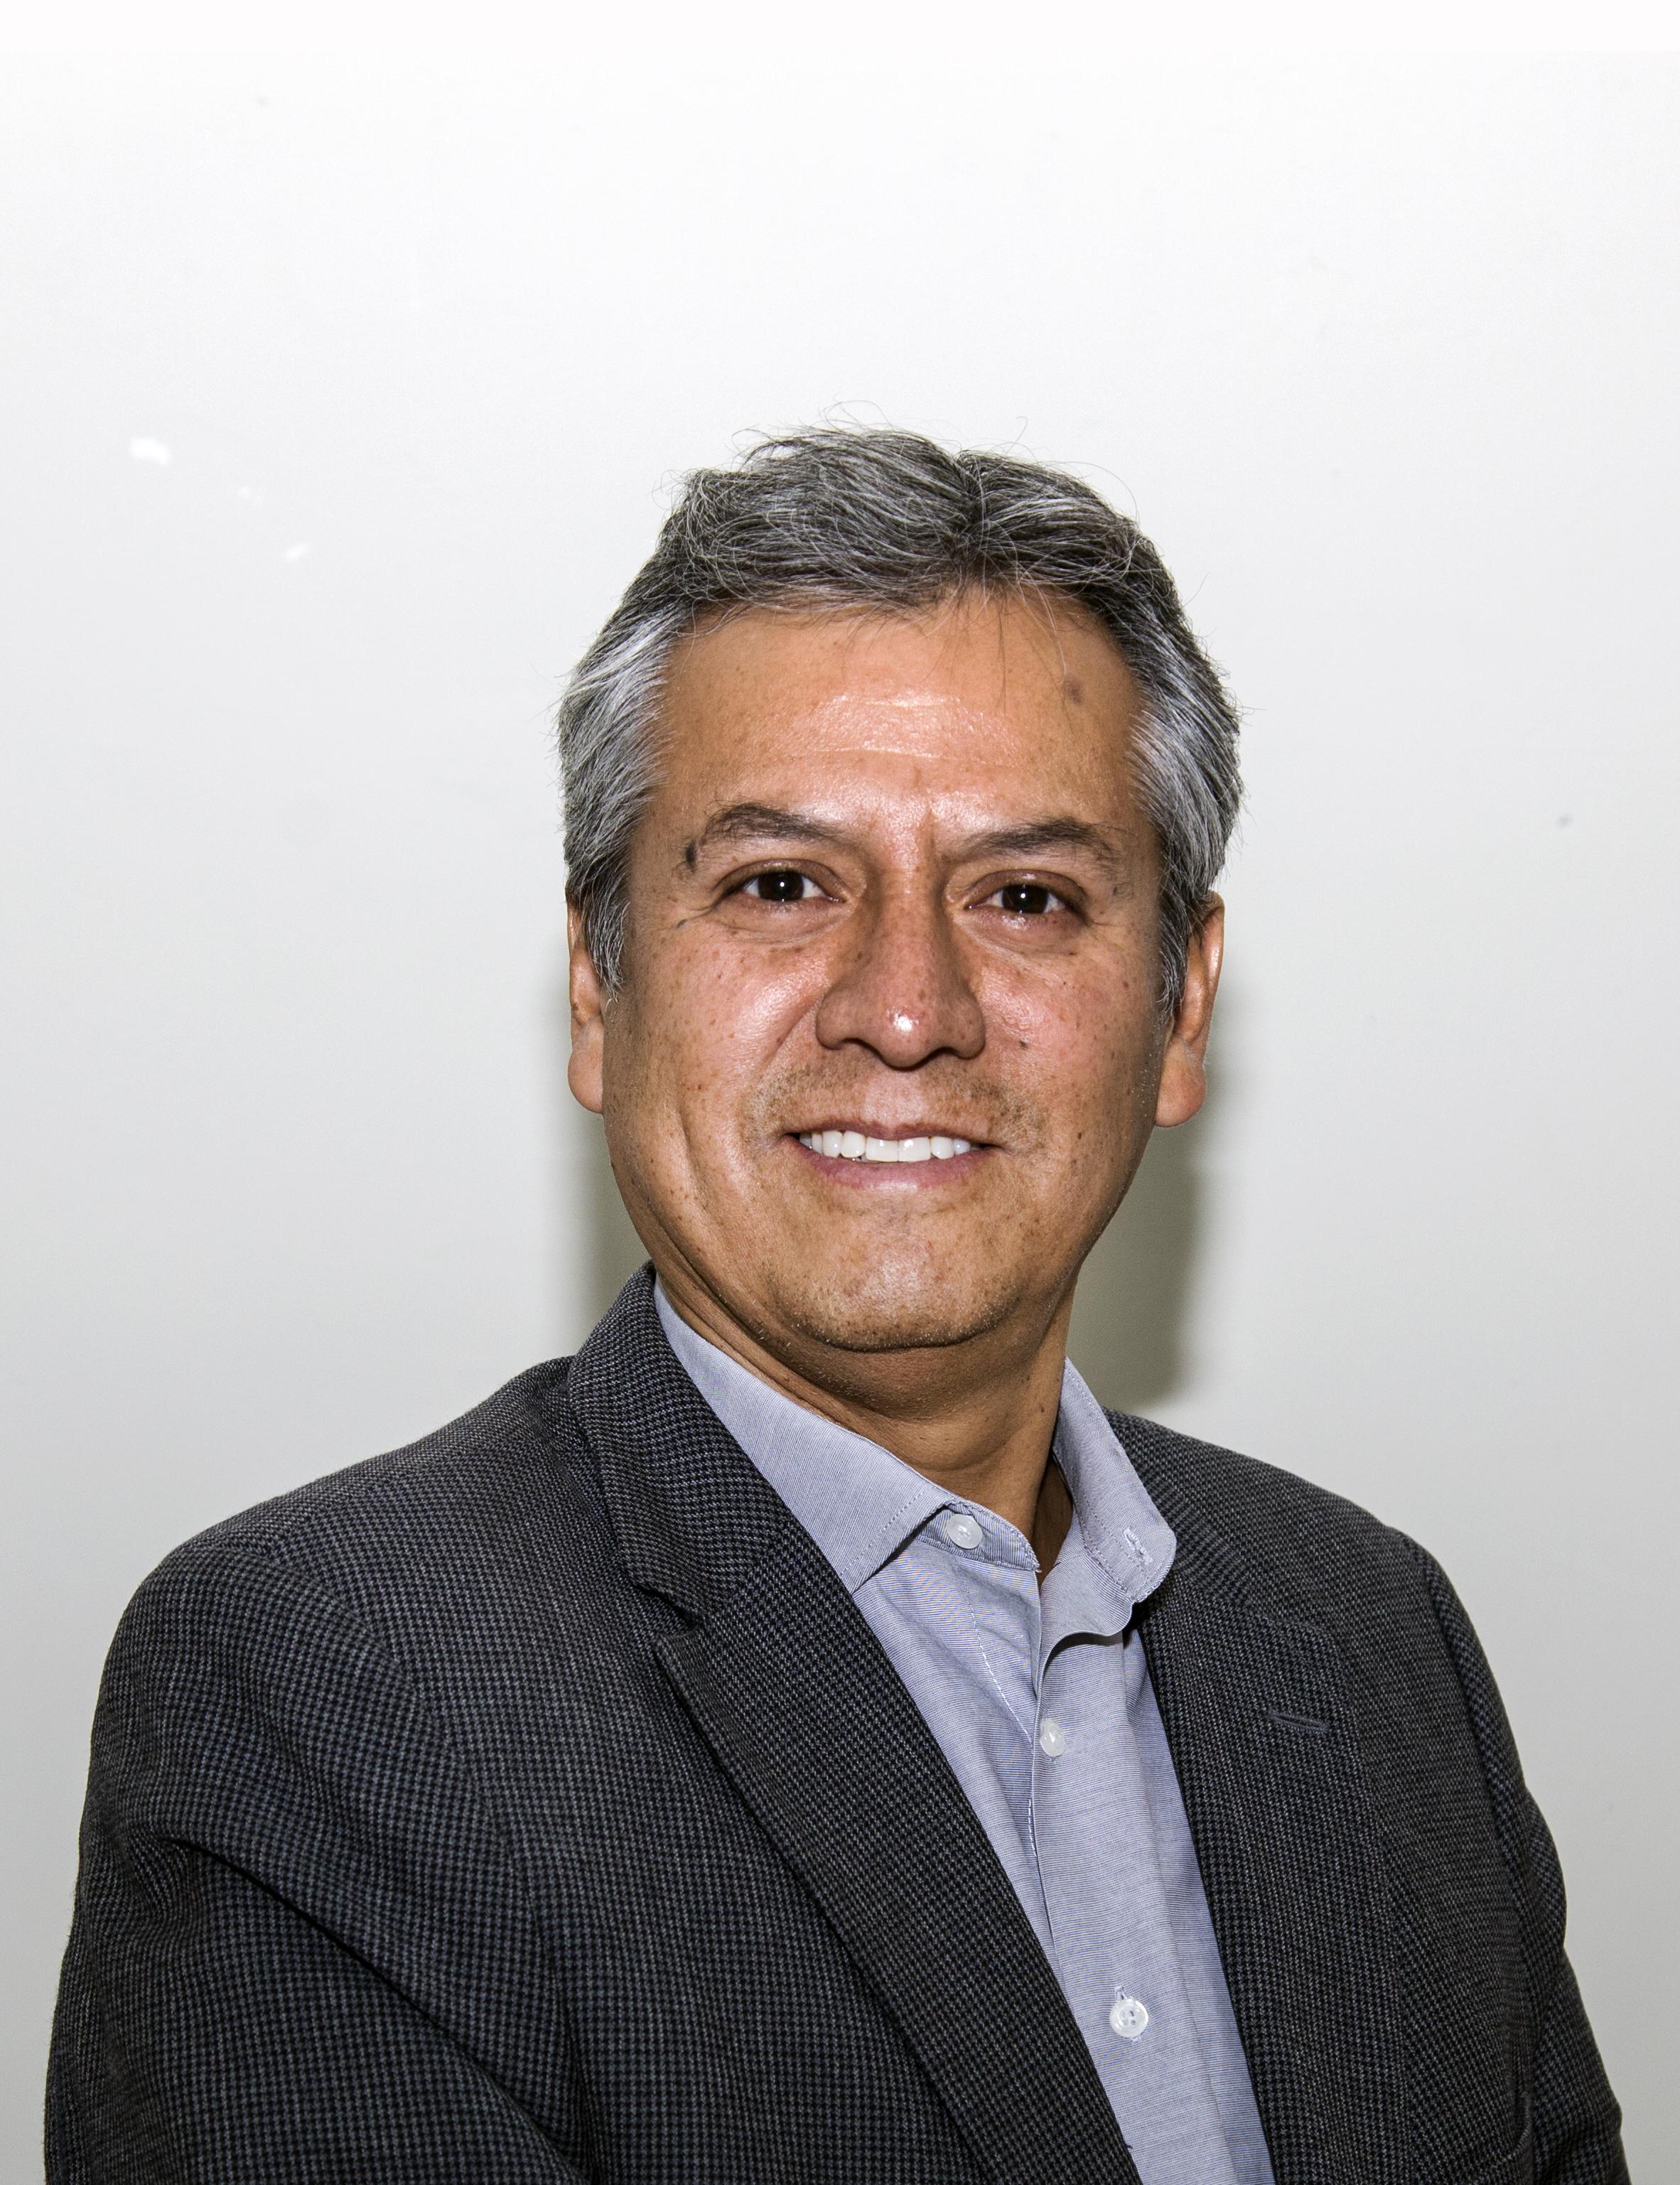 Manuel Ruiz admn(2)